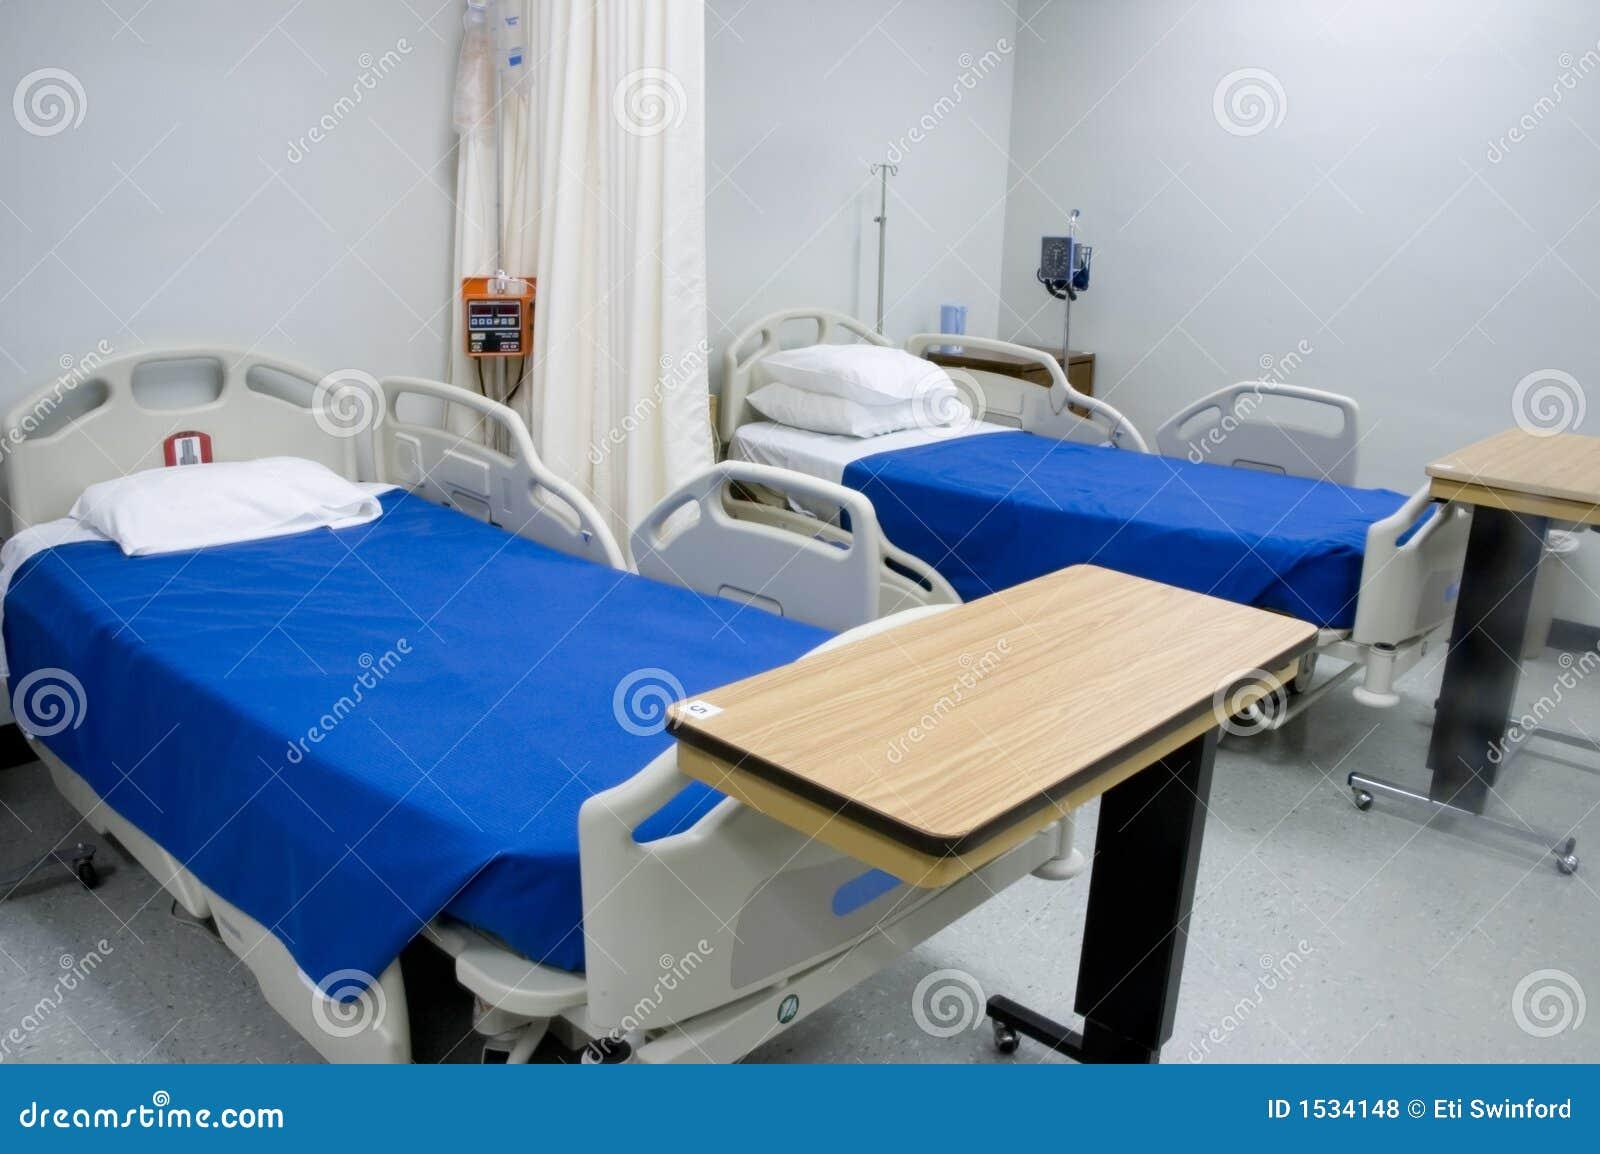 Hospital beds 3